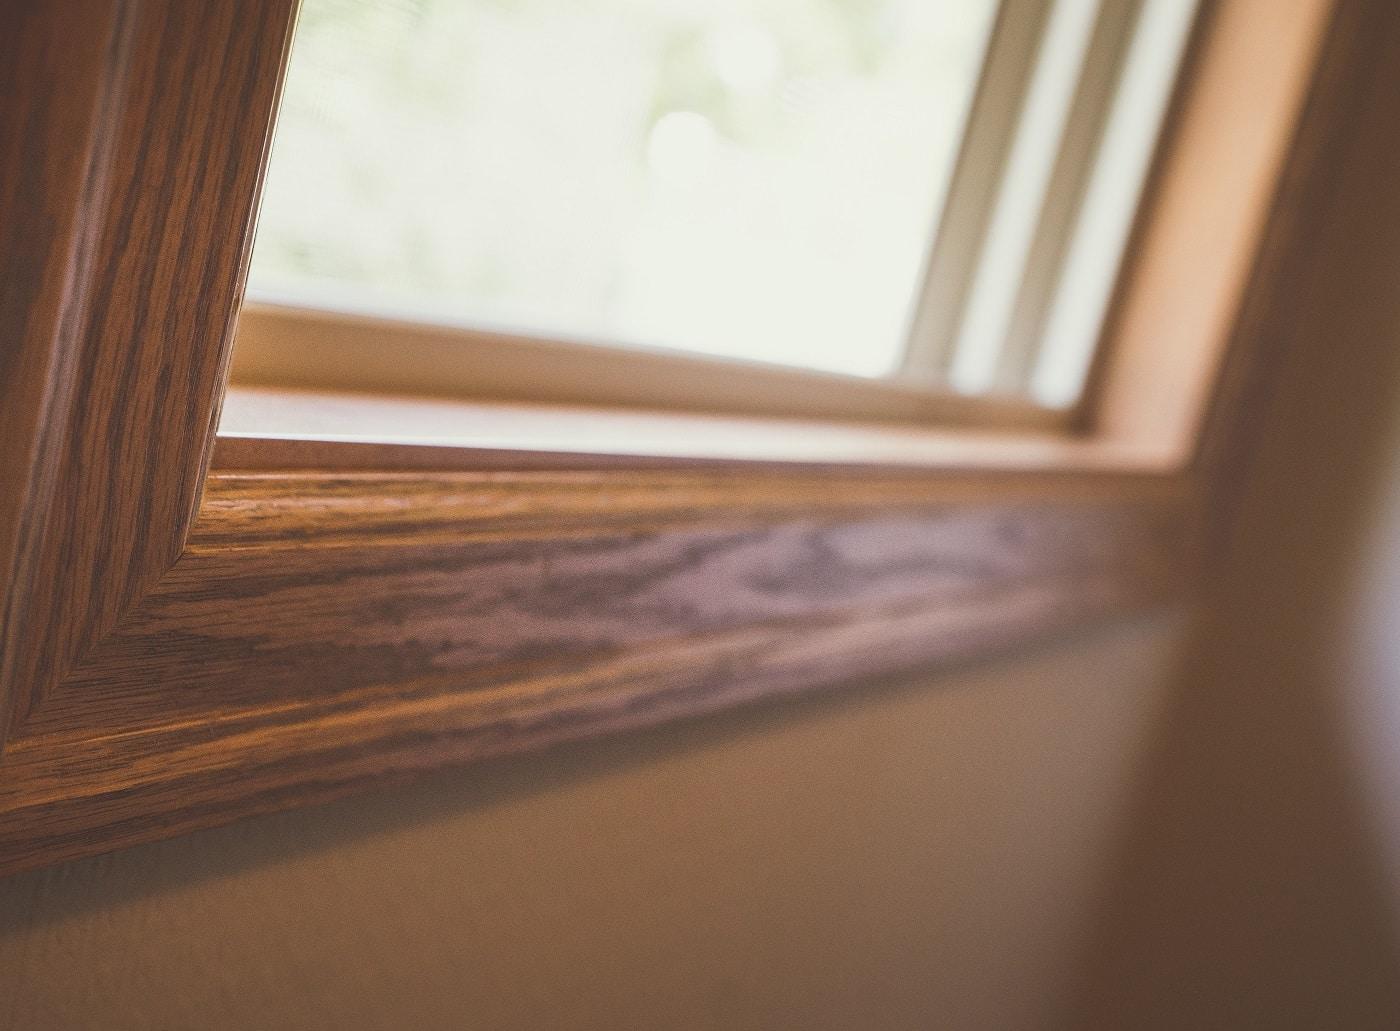 seasonguard window